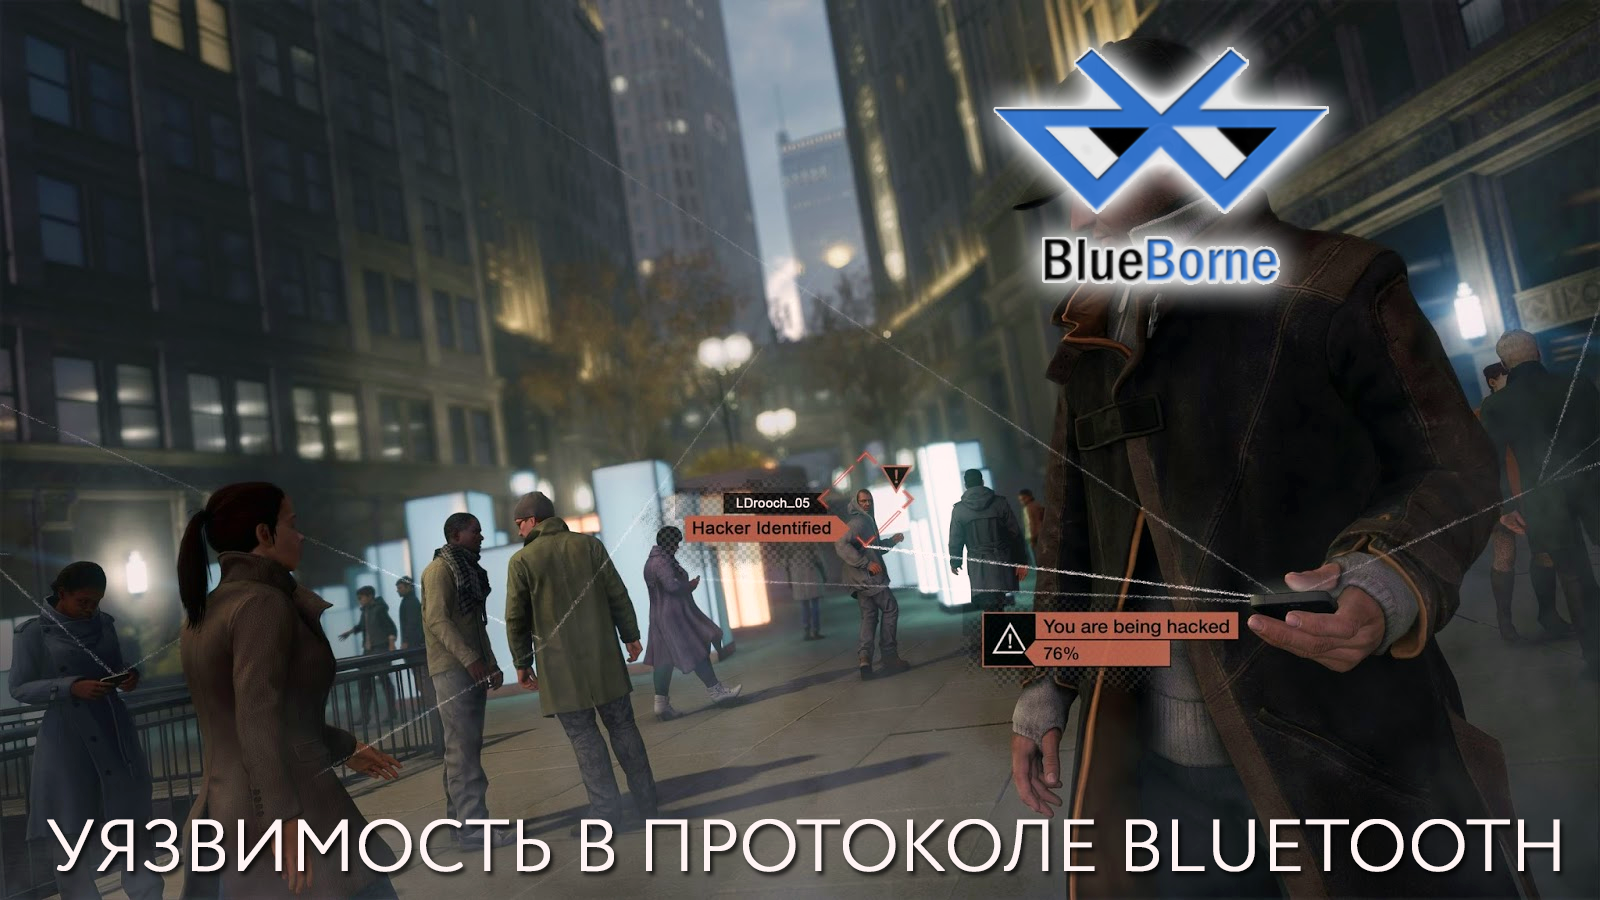 Эксплойт BlueBorne на Android, iOS, Linux и Windows: более 8 миллиардов устройств критически уязвимы - 1